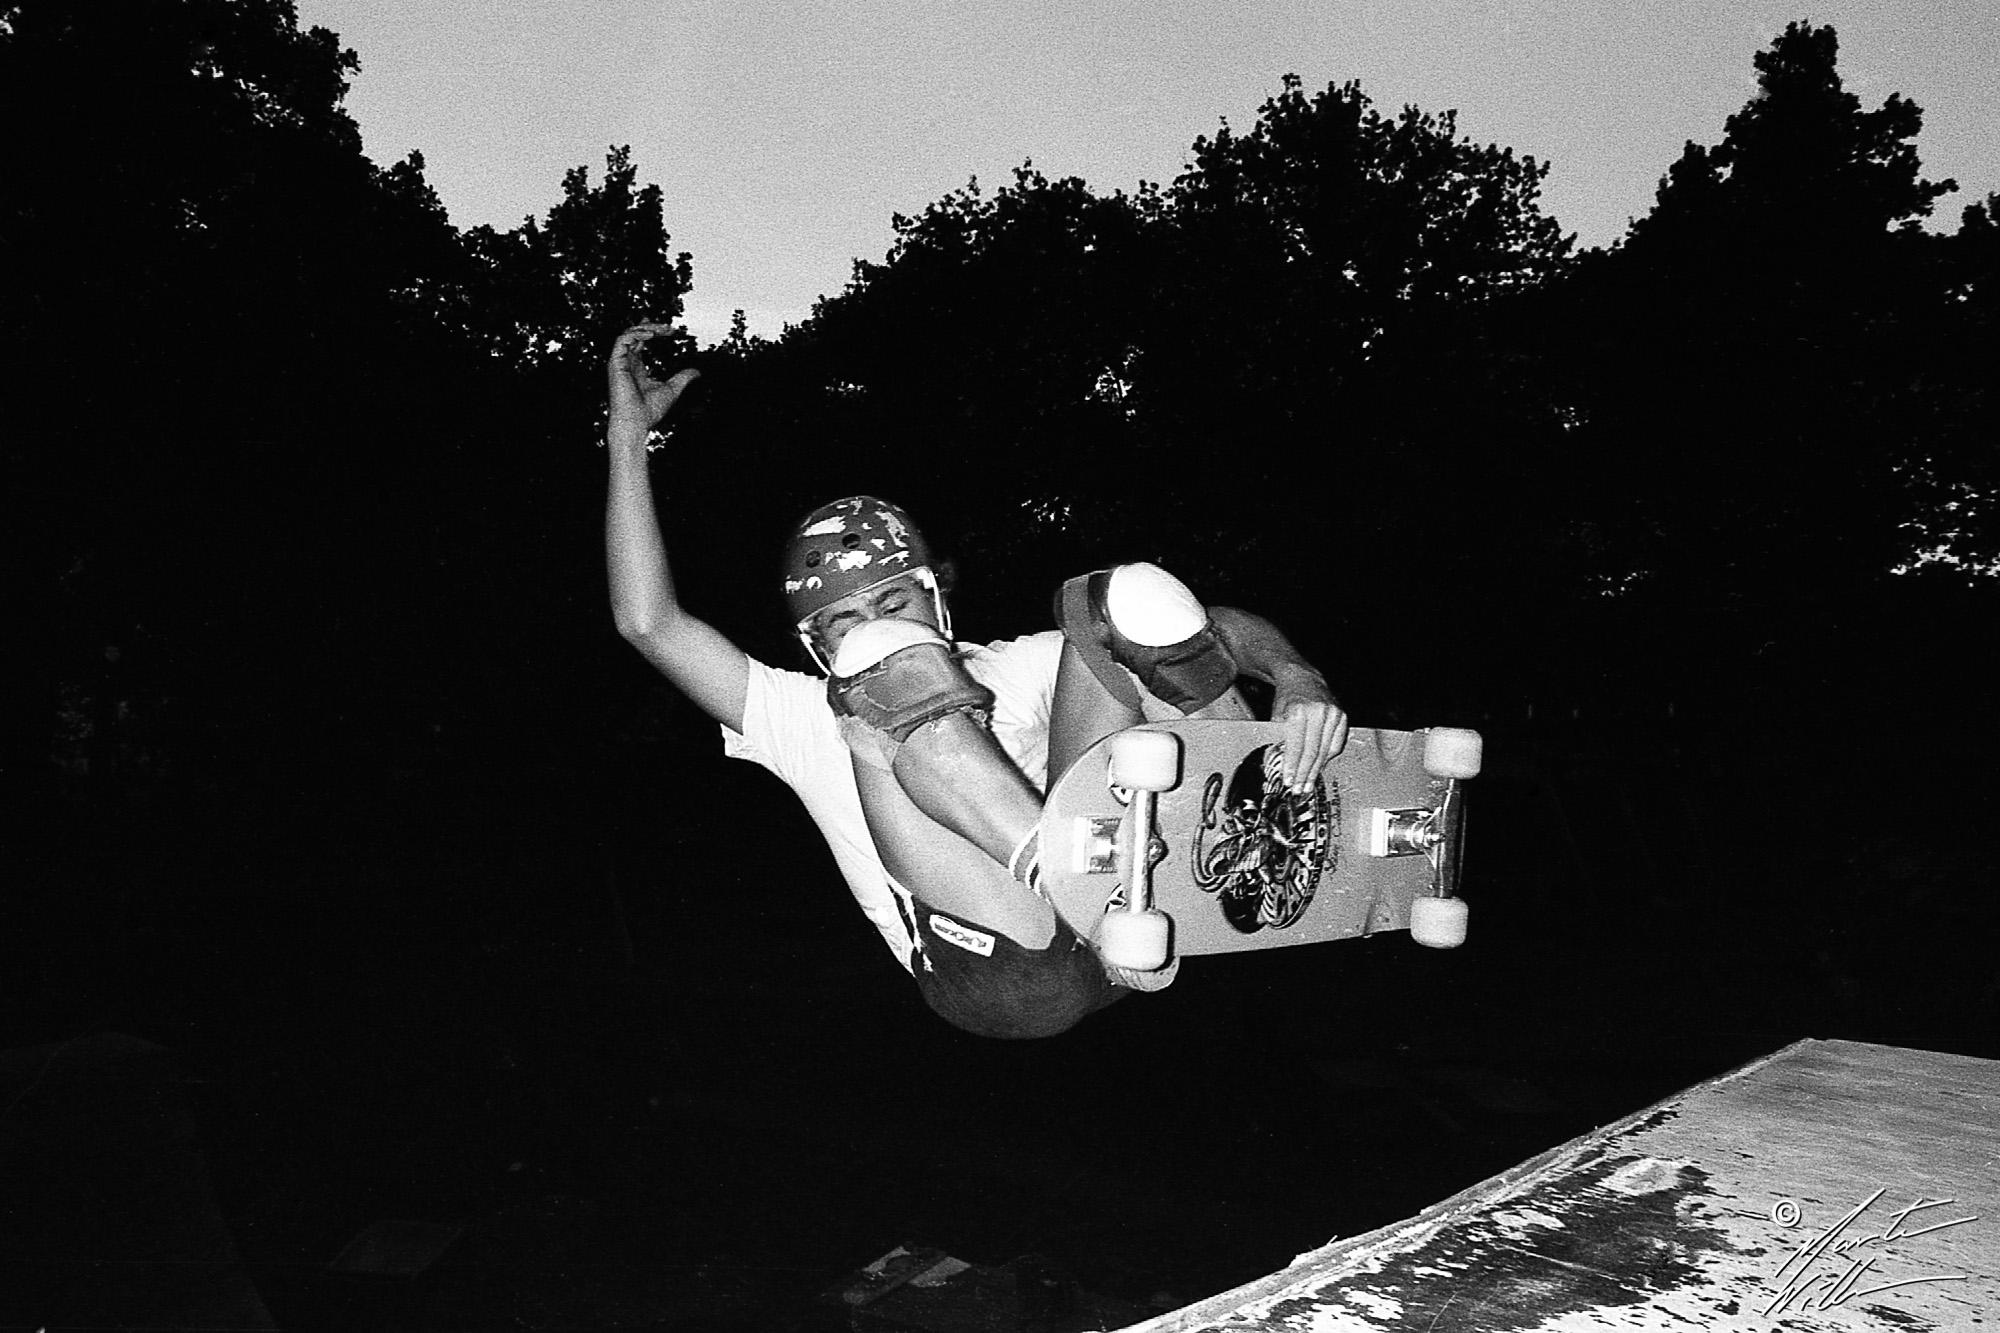 Nicke Hallgren, Frontside air,  Huskvarna Folkets park, 1981